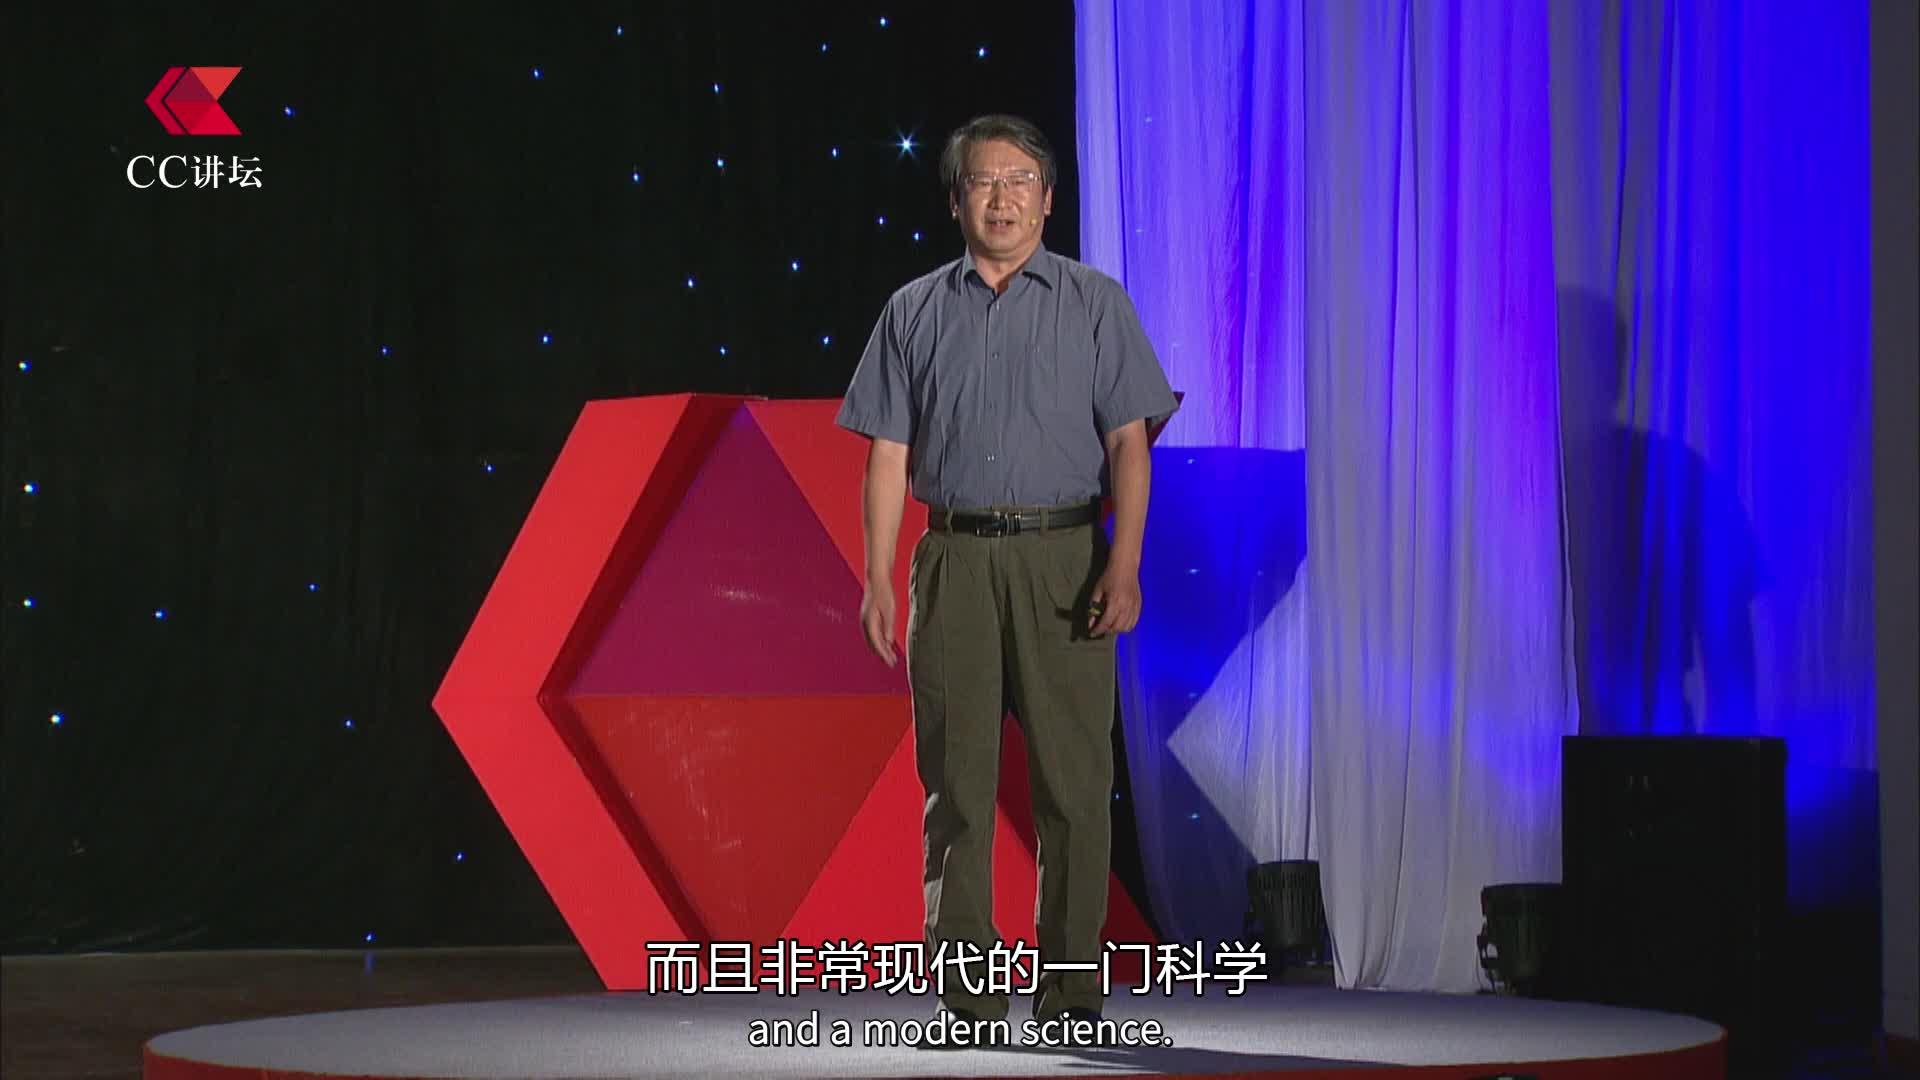 CC讲坛(科技):赵永恒《逃离黑洞的星星》